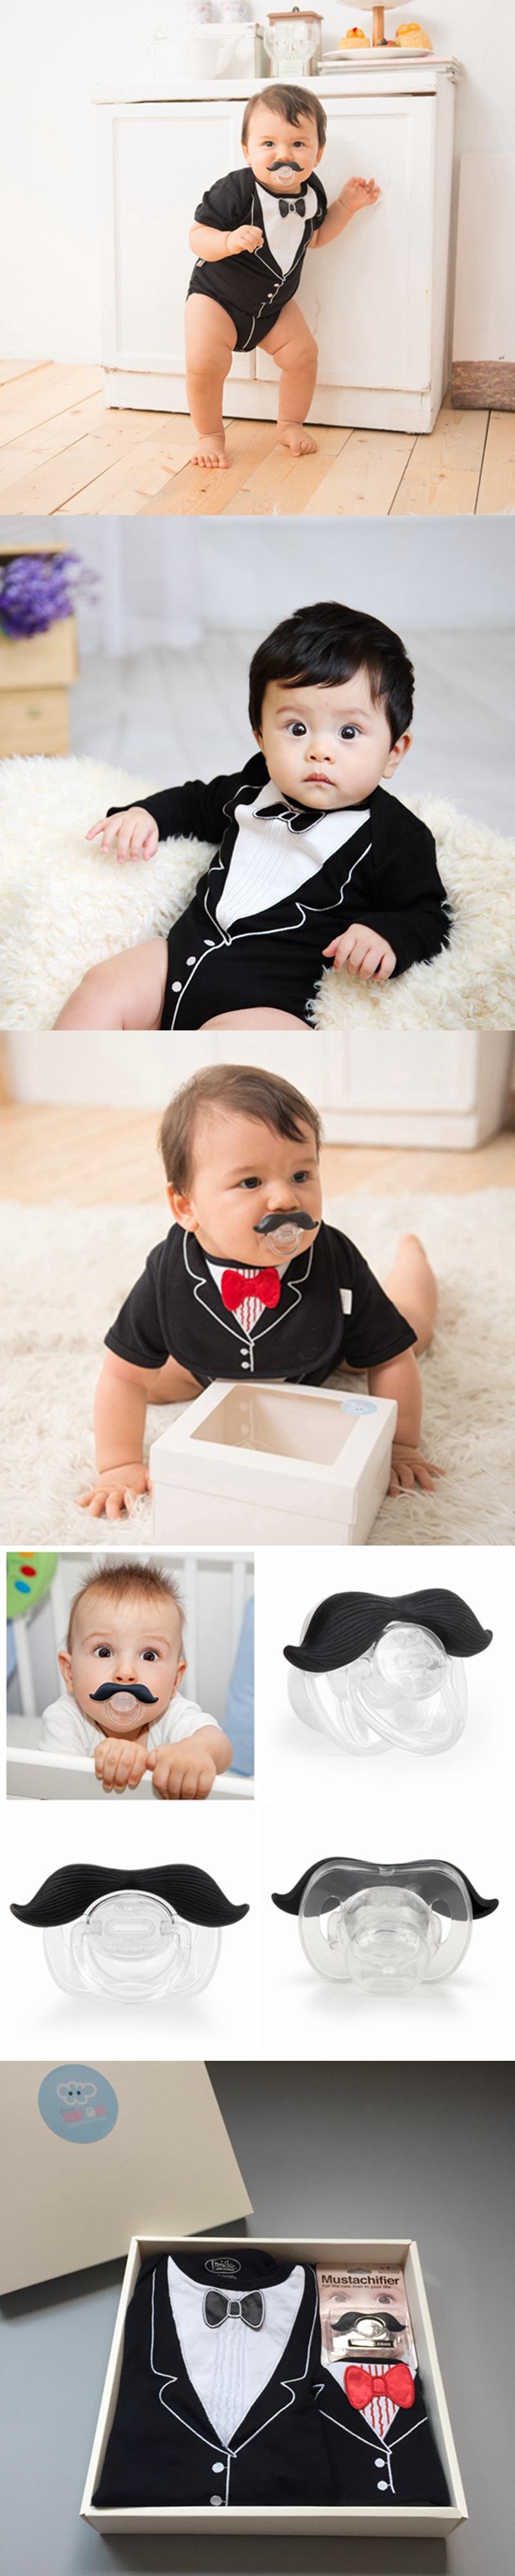 美國FMC X Hipsterkid 男嬰禮盒 - 李傲納多宴會版 (連身衣+圍兜+奶嘴) (9個月)